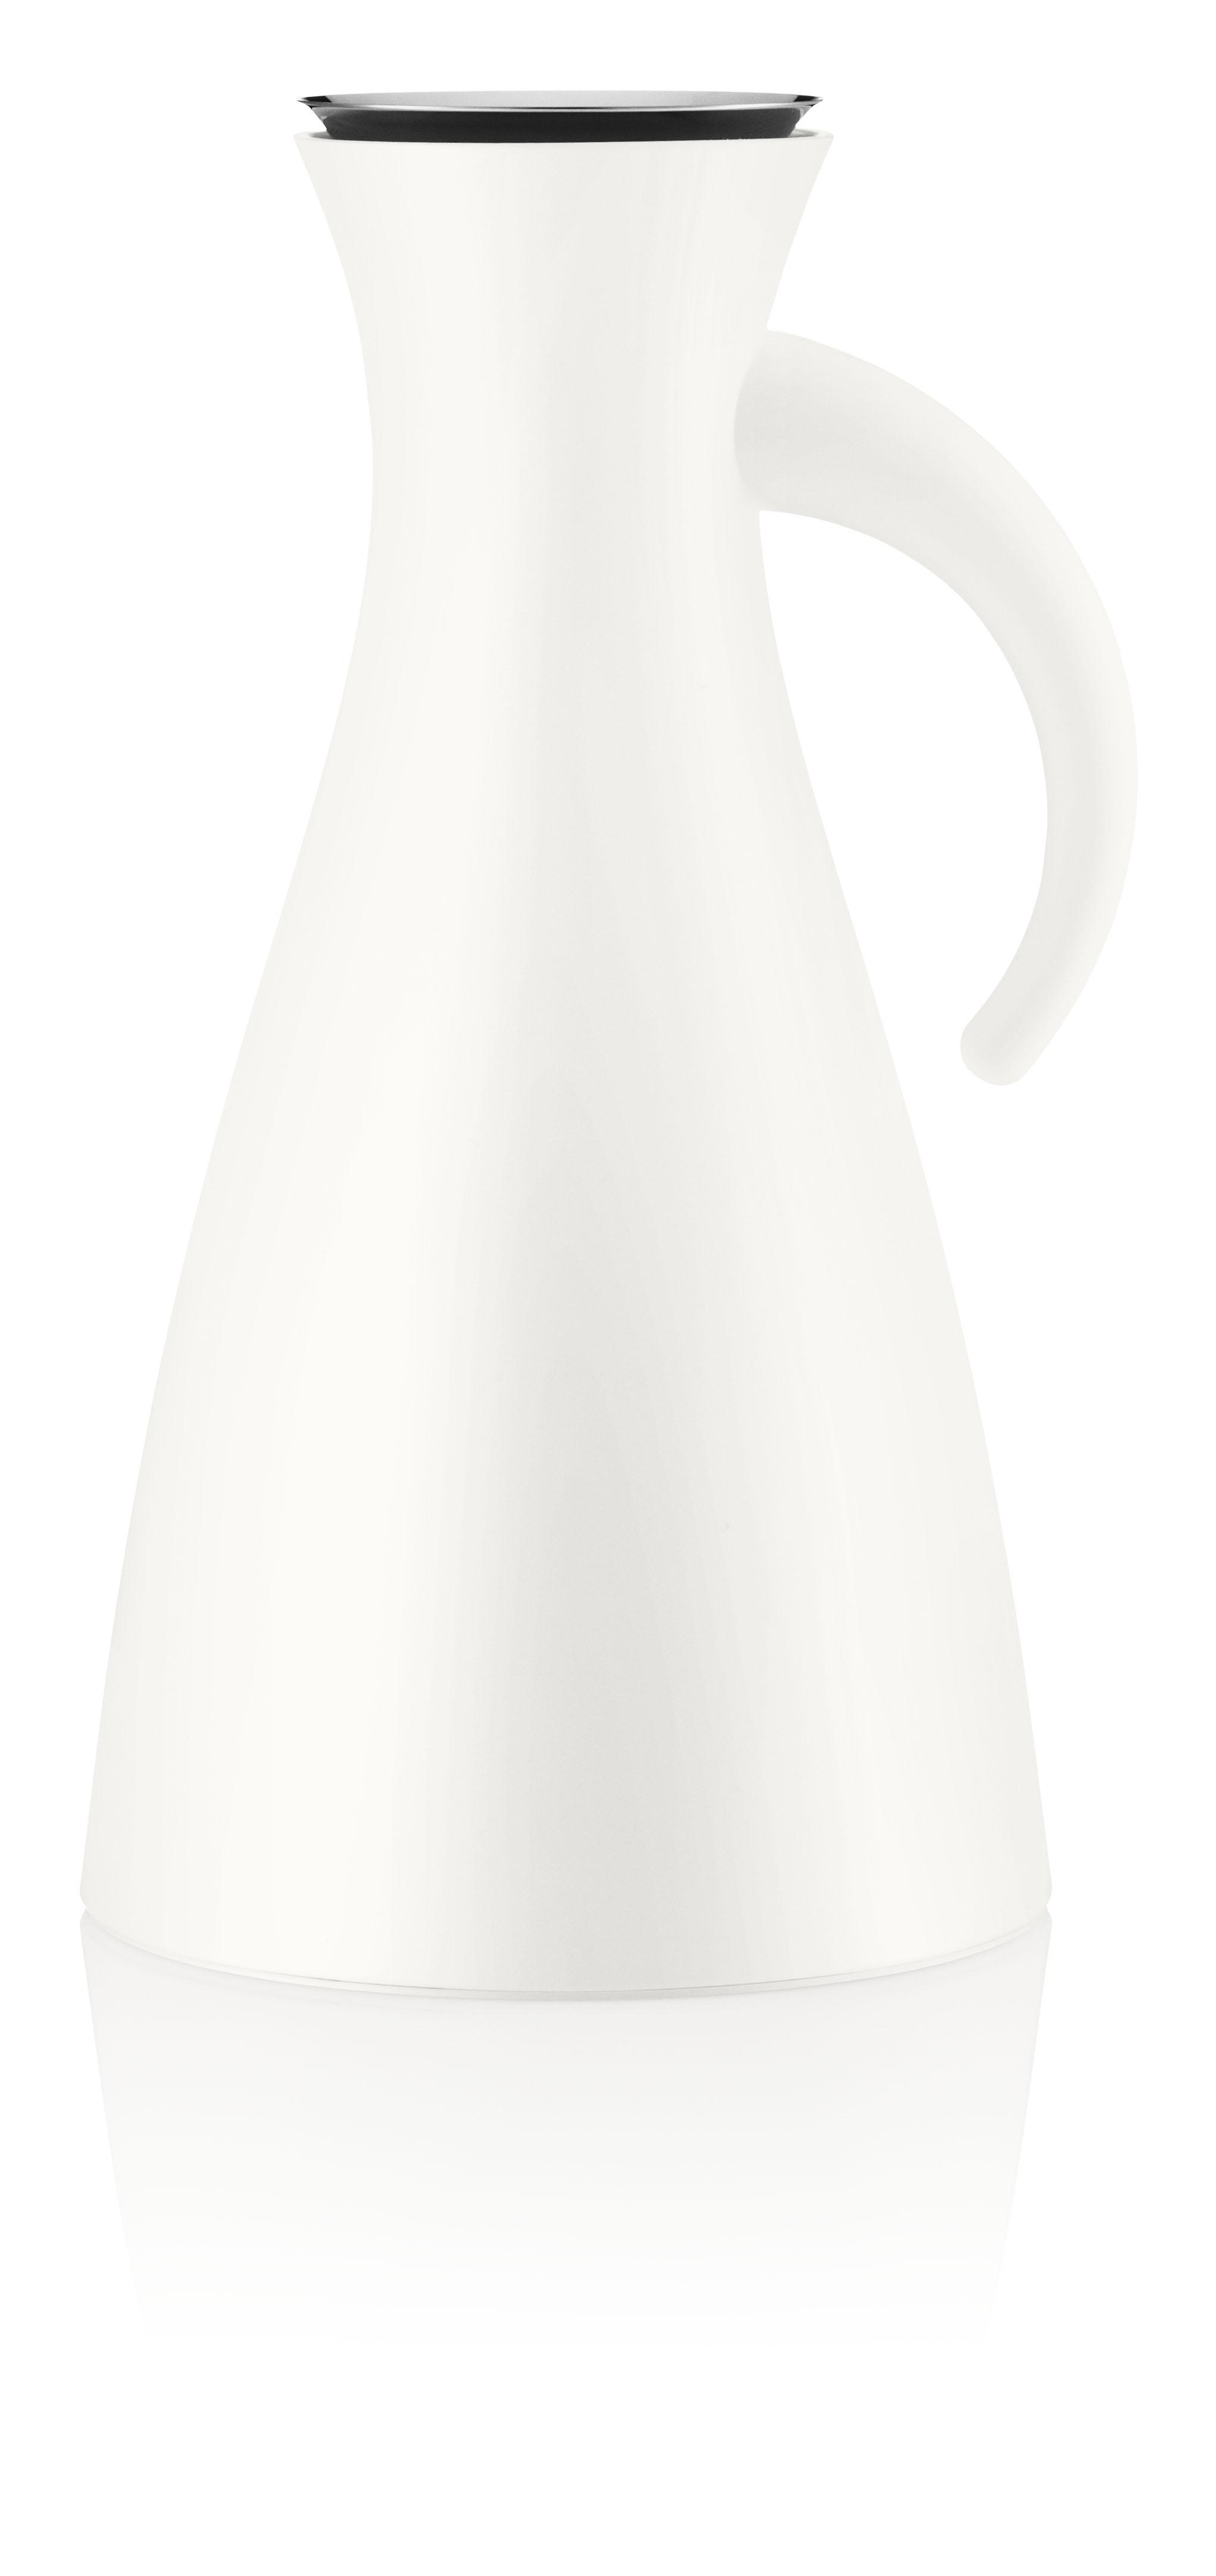 Eva Solo - Vacuum Jug - White (502911)